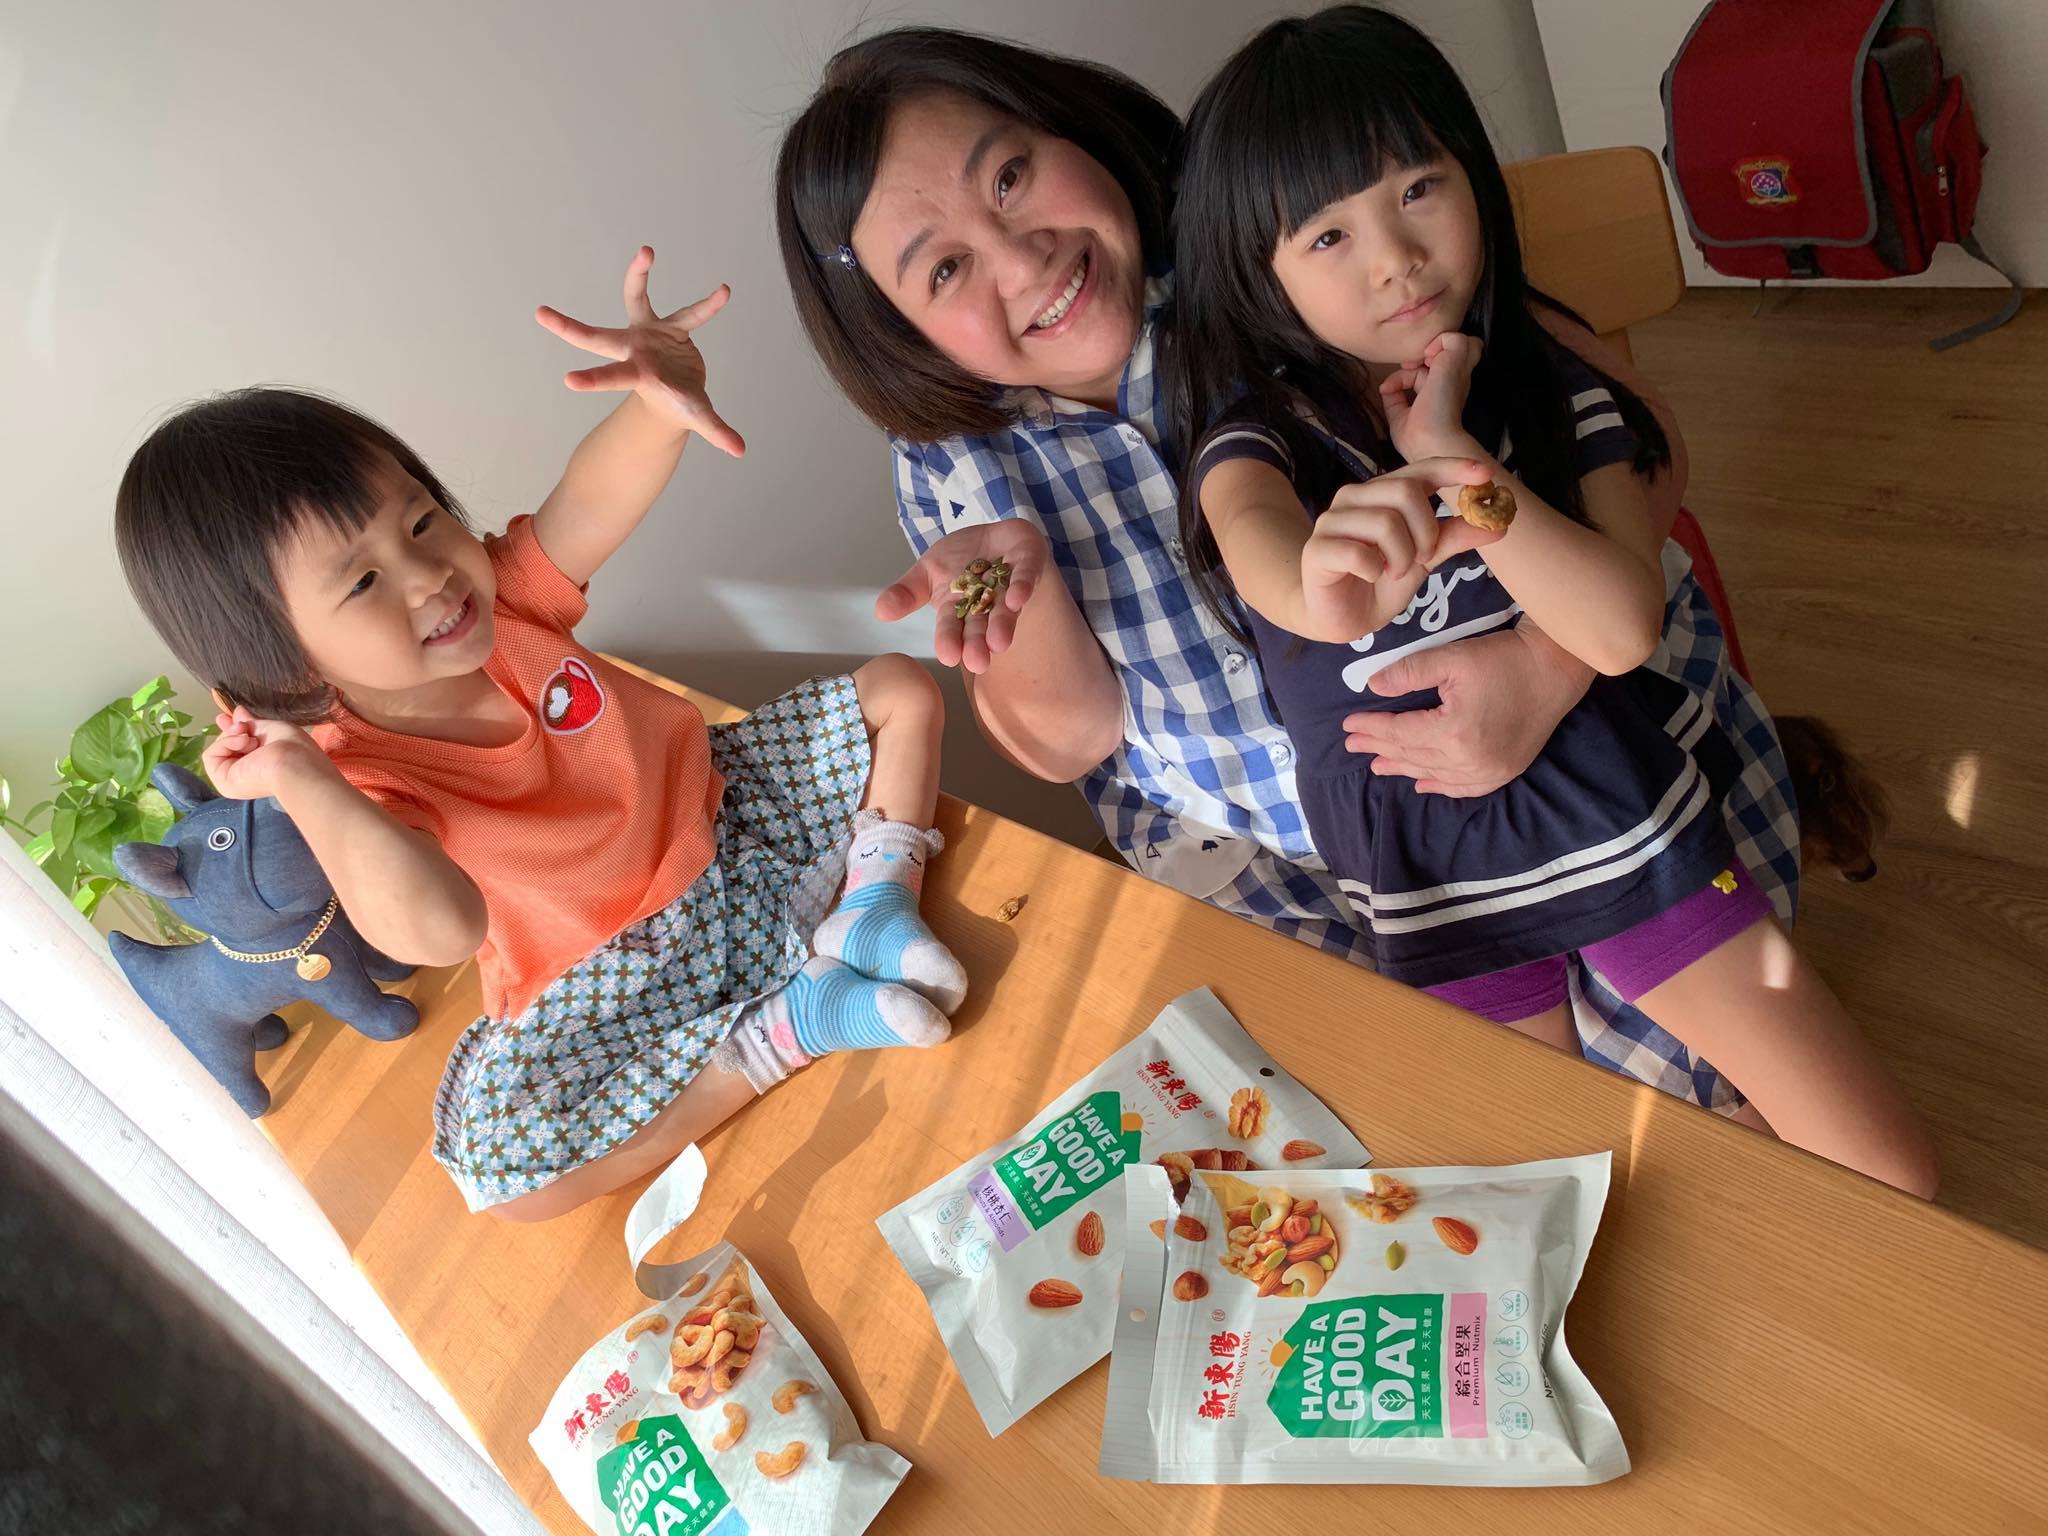 雖然有時候會失控吼小孩,但我還是希望用溫柔而堅定的愛,來教我兩個女兒